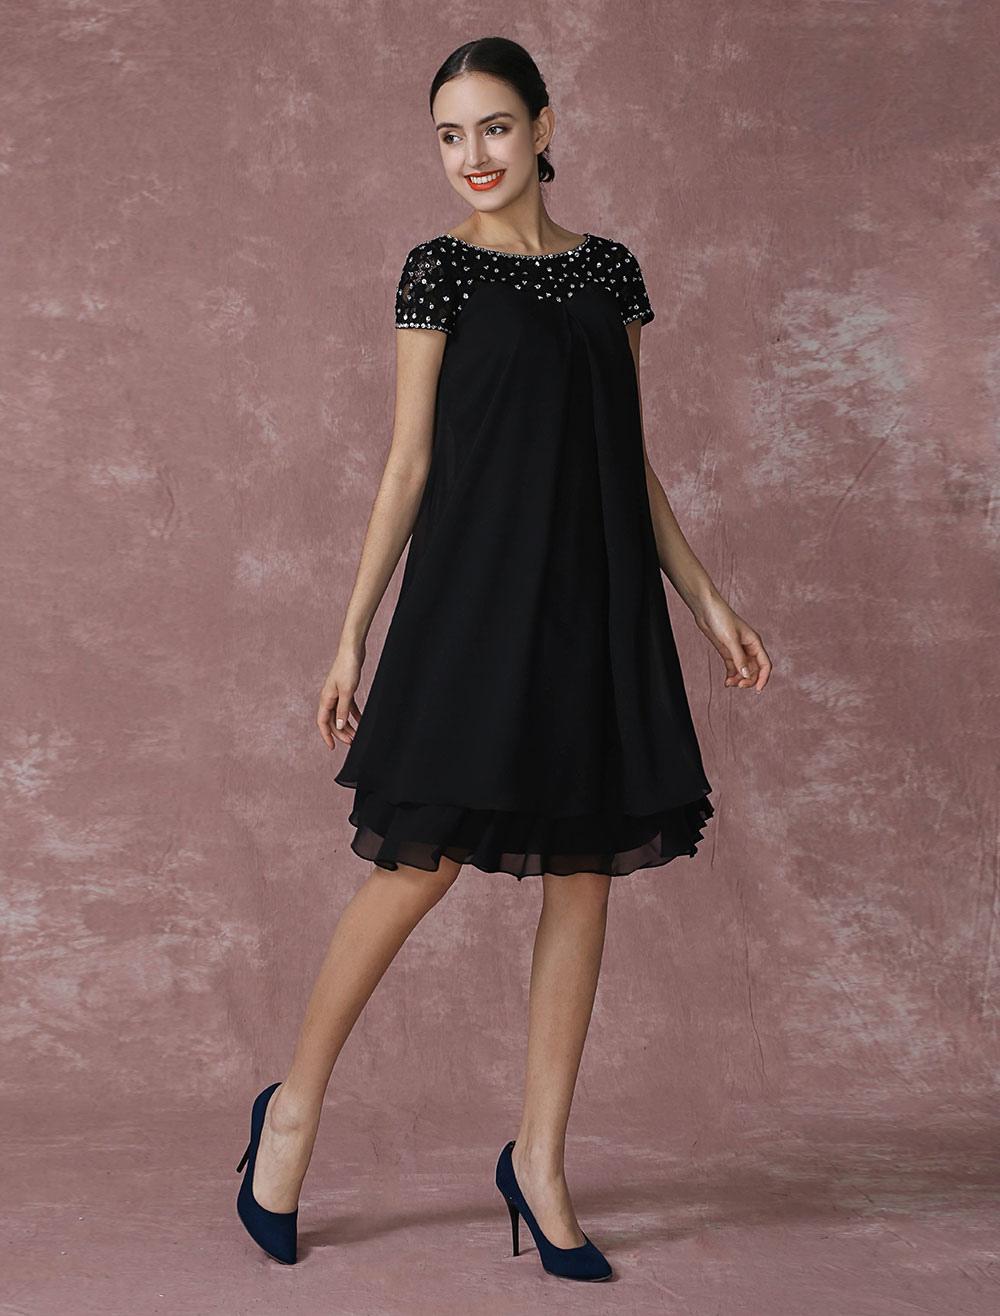 Alle Kleider schicke lange kleider : Kleider für besondere Anlässe, Festliche Kleider | Milanoo.com